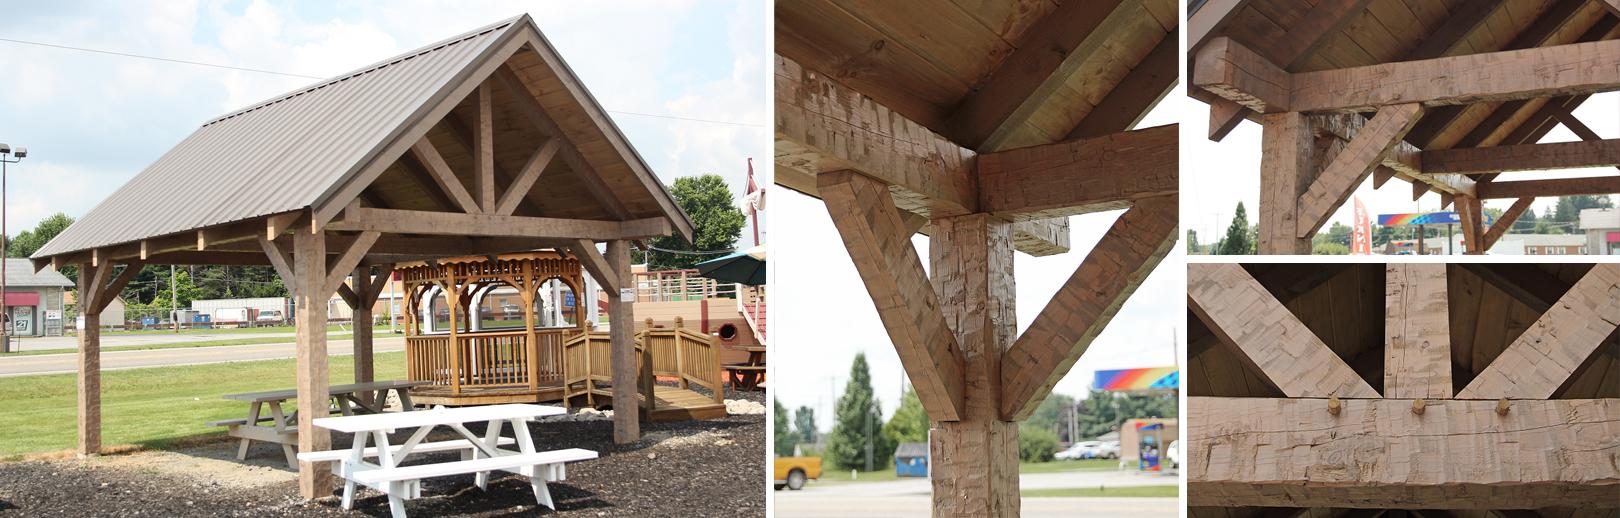 rustic-pavilions-header.jpg